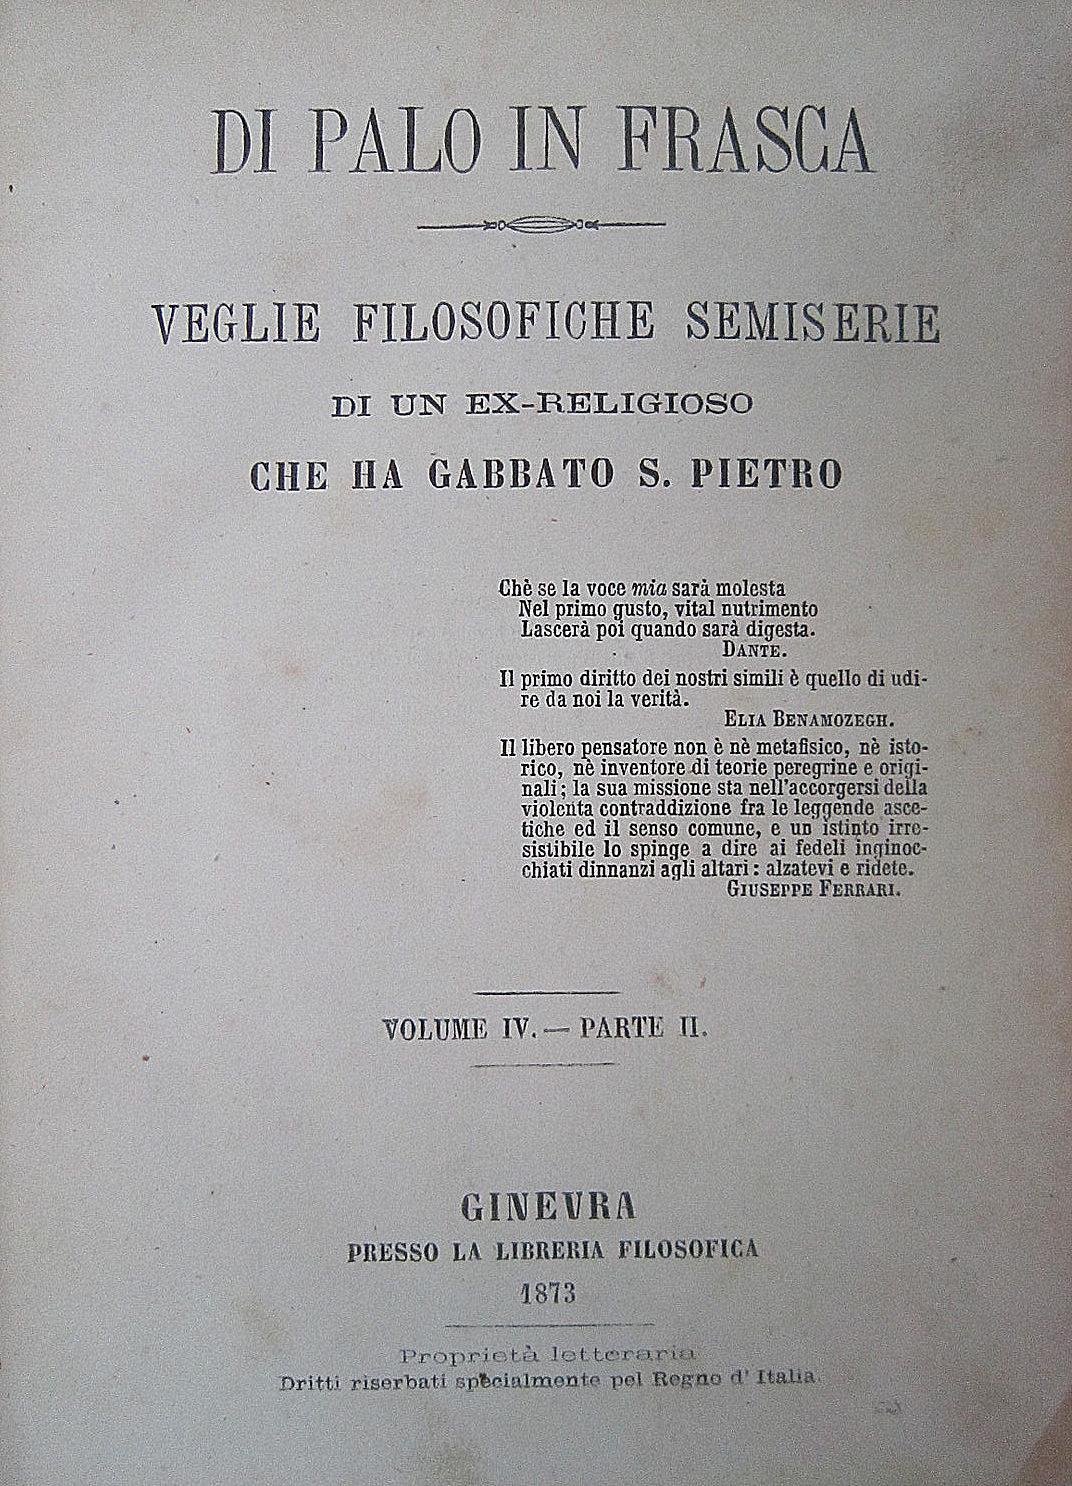 Di palo in frasca: veglie filosofiche semiserie di un ex-religioso che ha gabbato S. Pietro, vol. IV 2